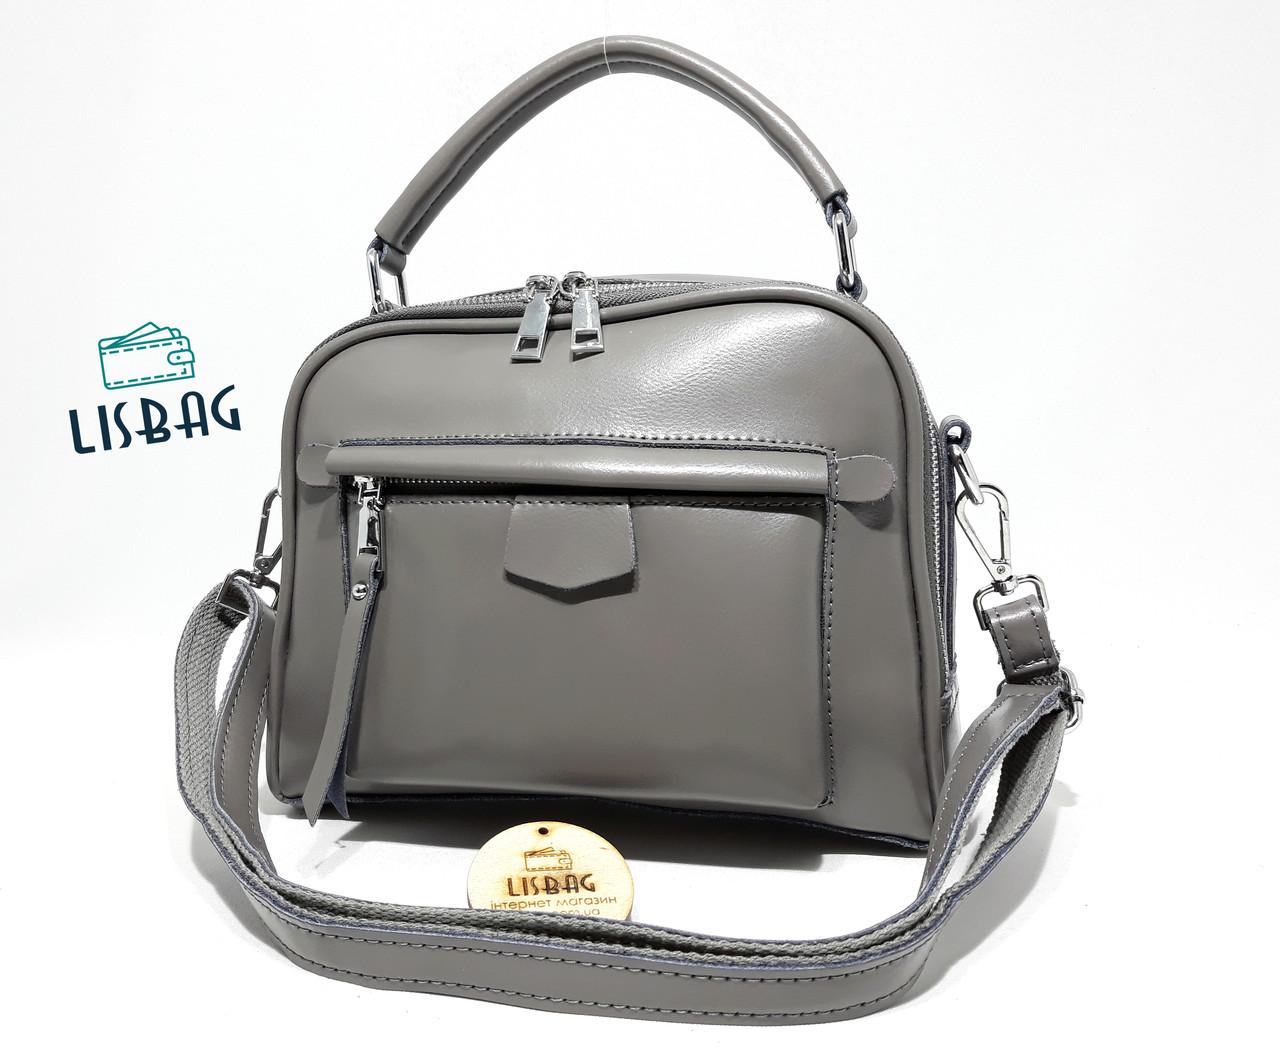 Кожаная серая женская сумка на каждый день модель 2018 года сумка-багет - Интернет  магазин ad70ec692df